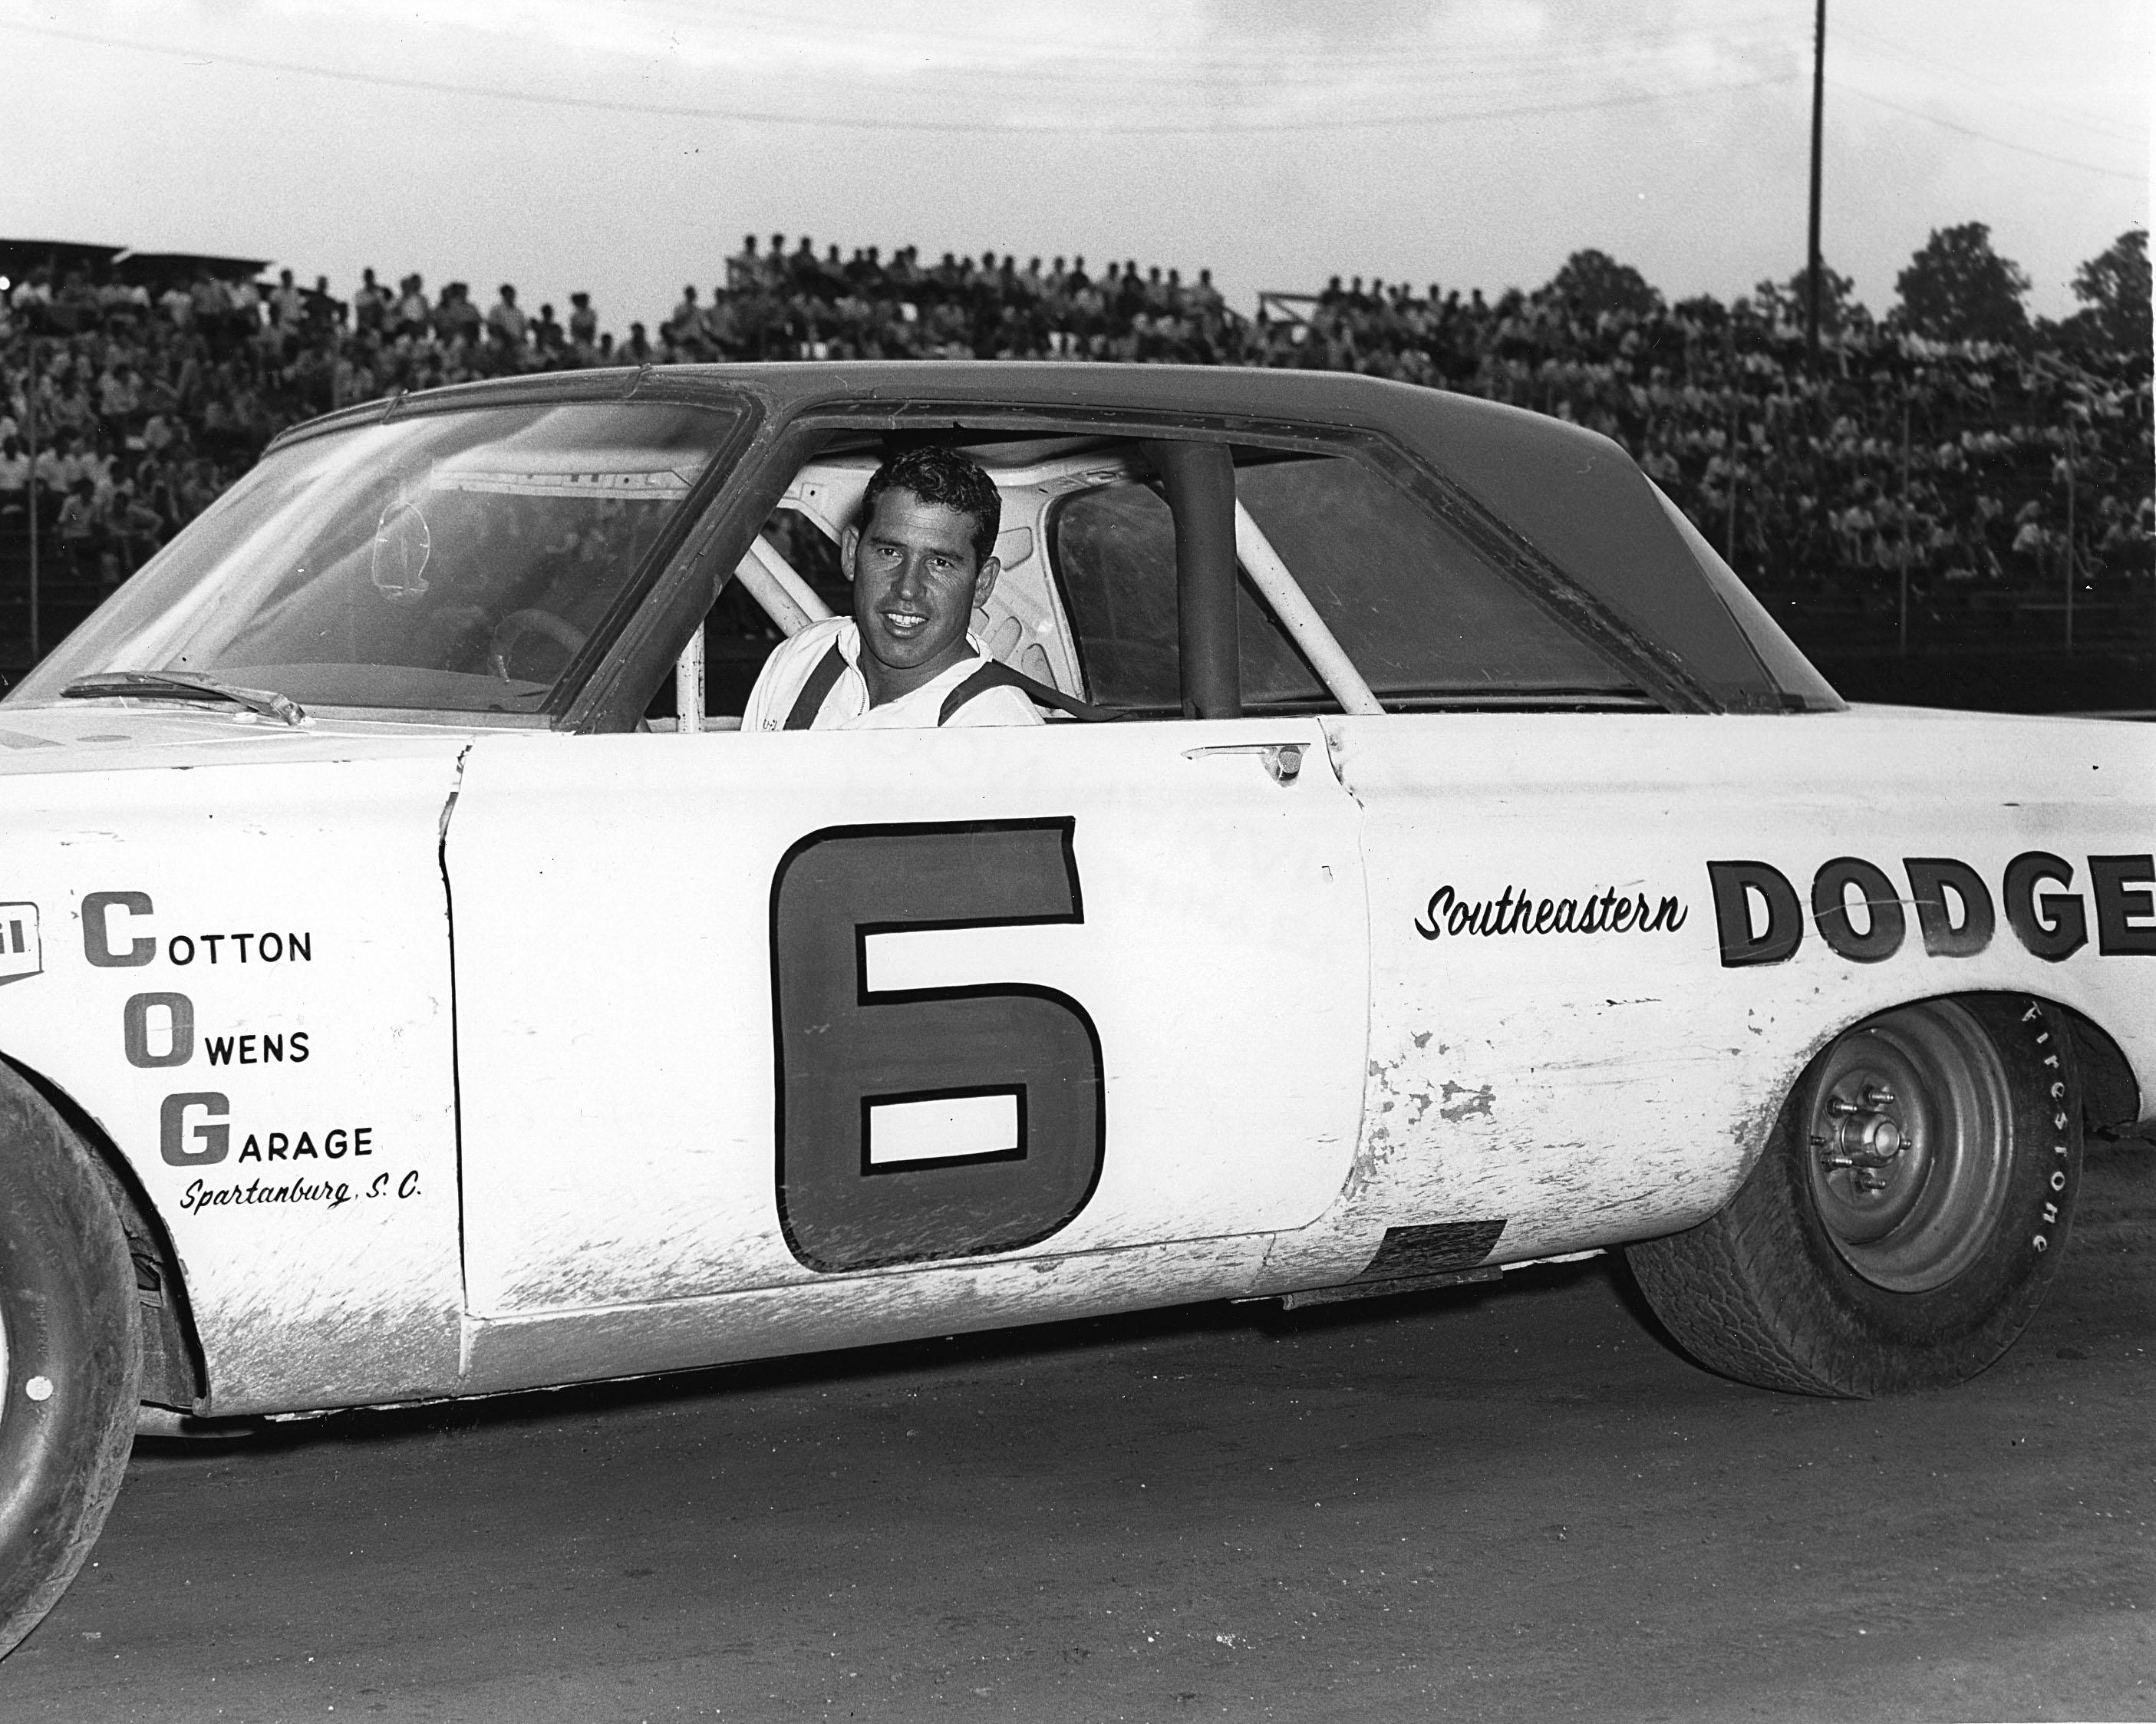 Cotton Owens' Dodge